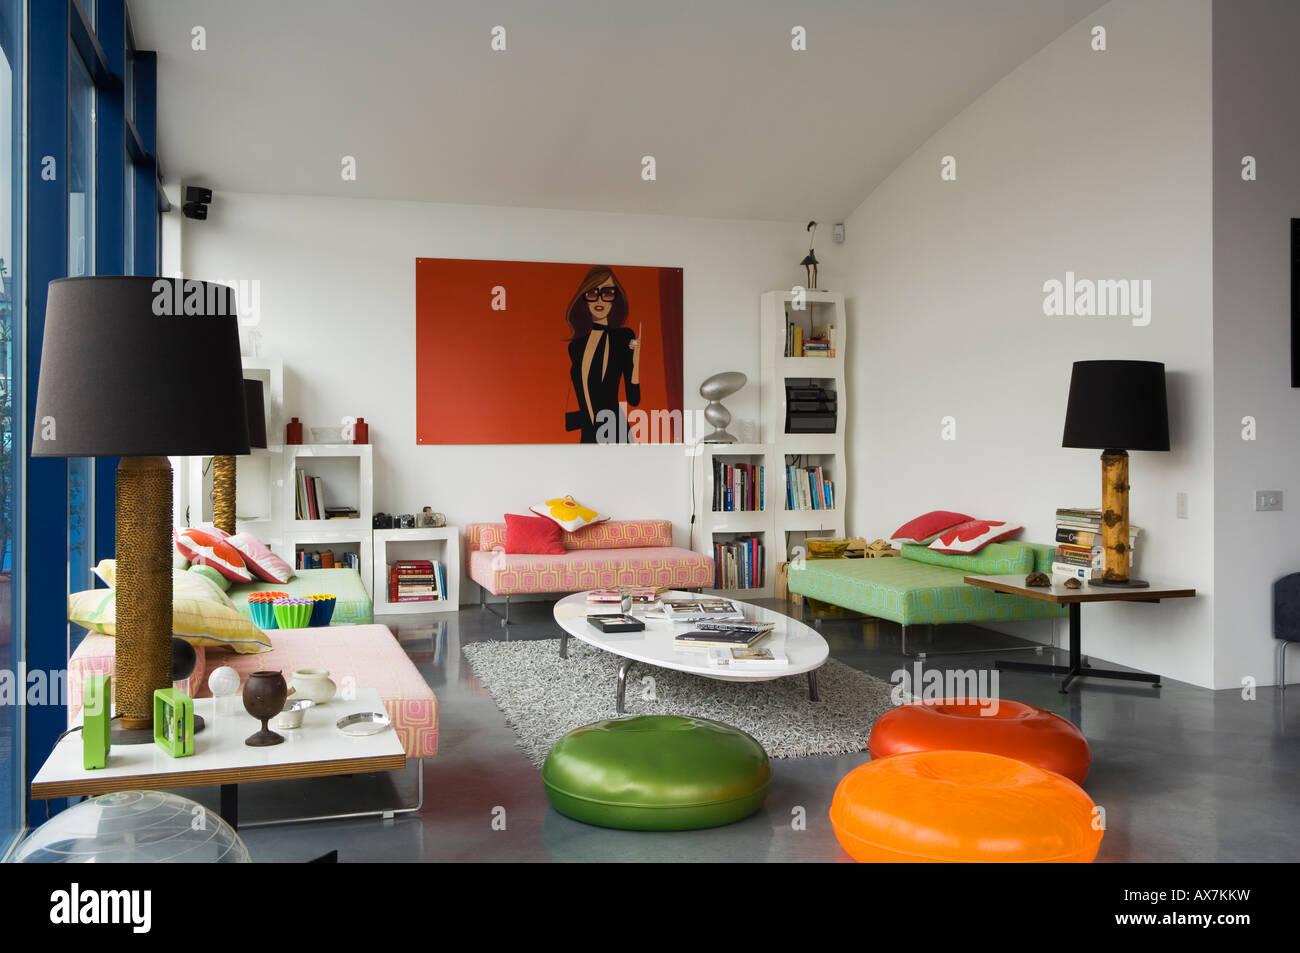 Area soggiorno in stile contemporaneo appartamento sul tetto, Londra ...